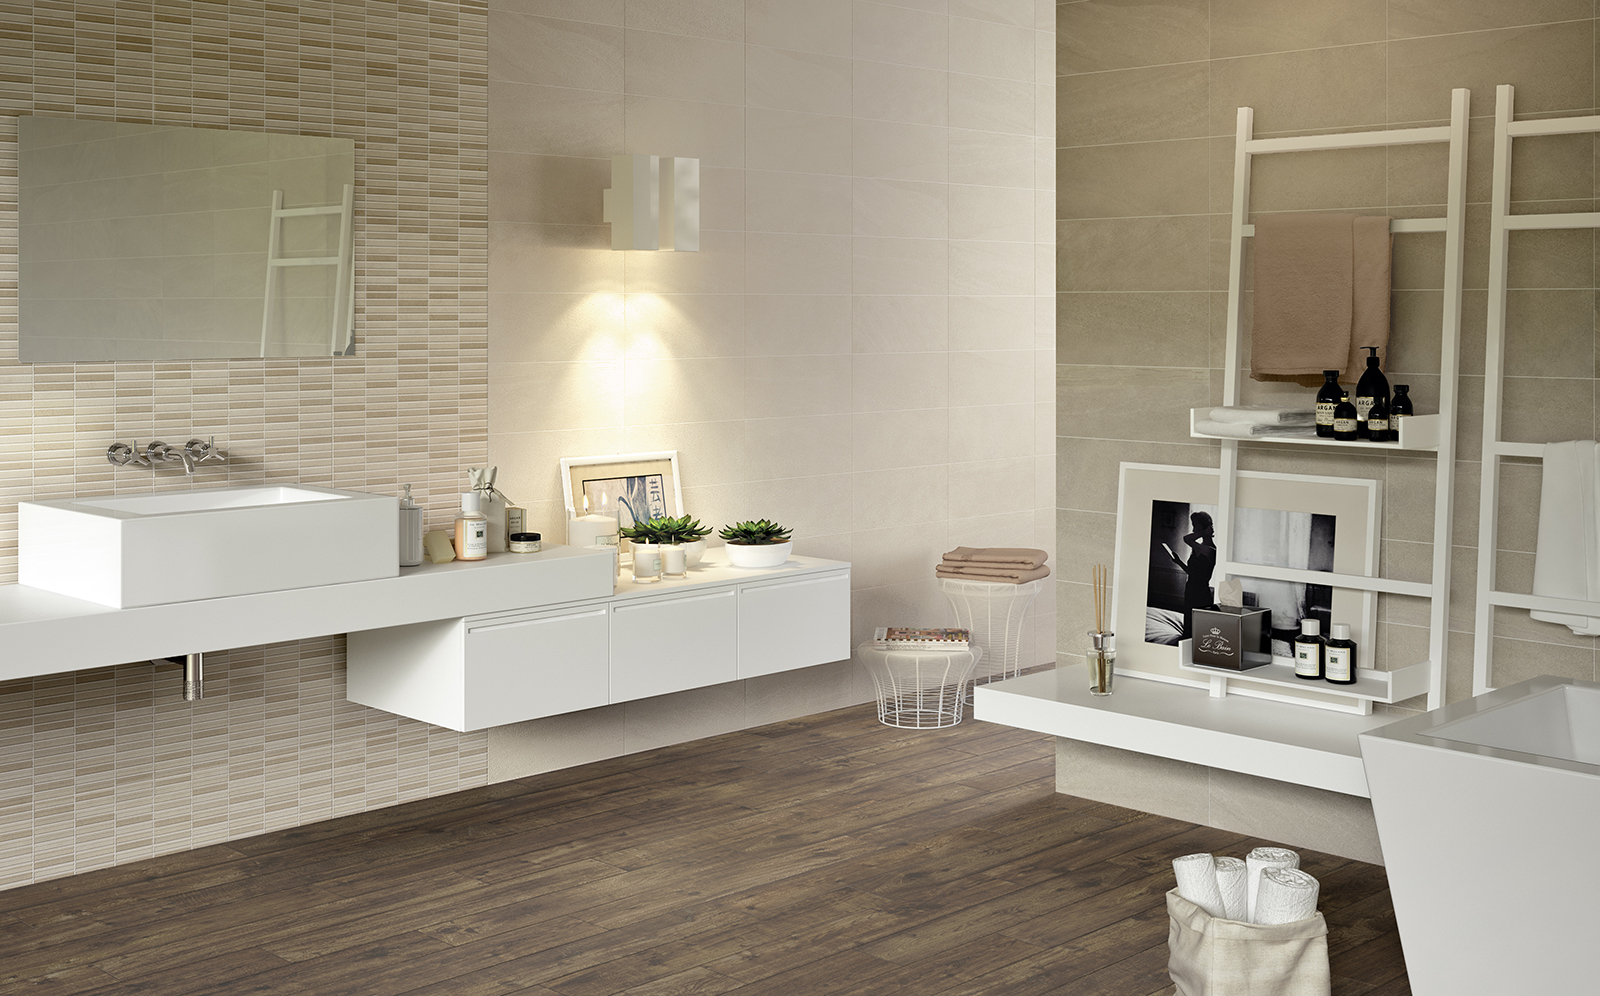 Interiors rivestimento bagno e cucina marazzi - Colori piastrelle bagno ...